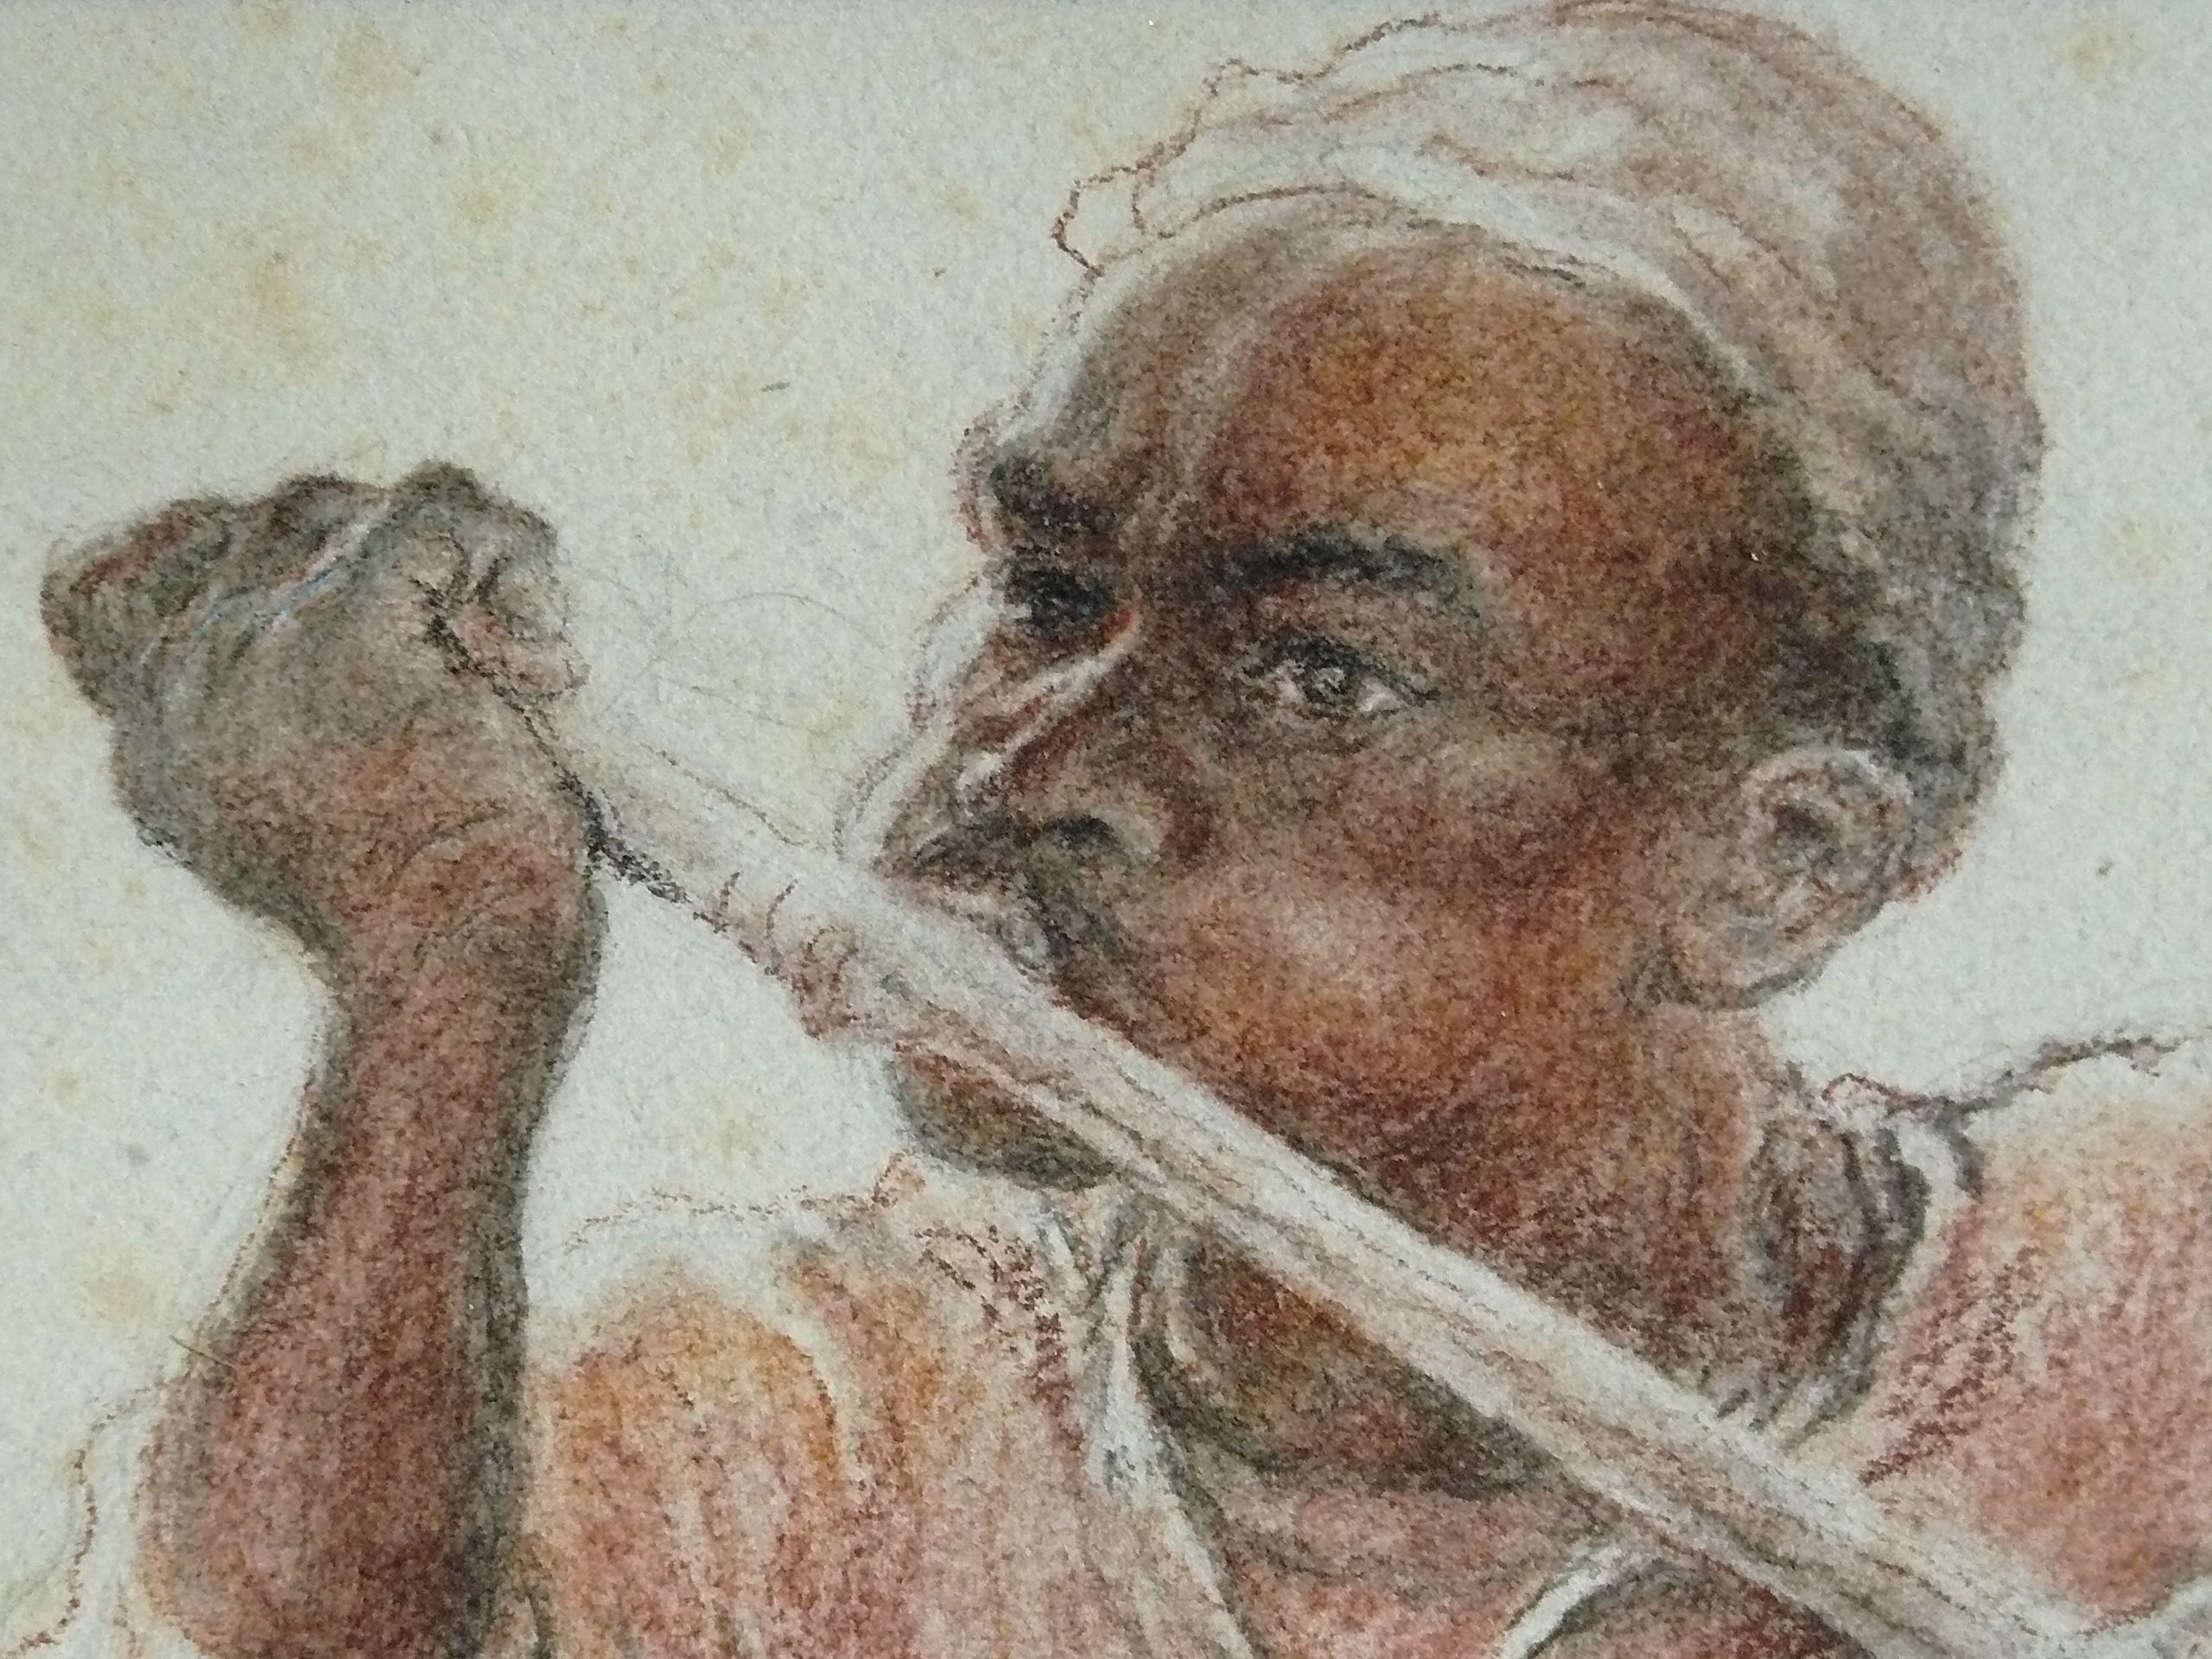 Rabannes Jules - Flutiste africain (détail)